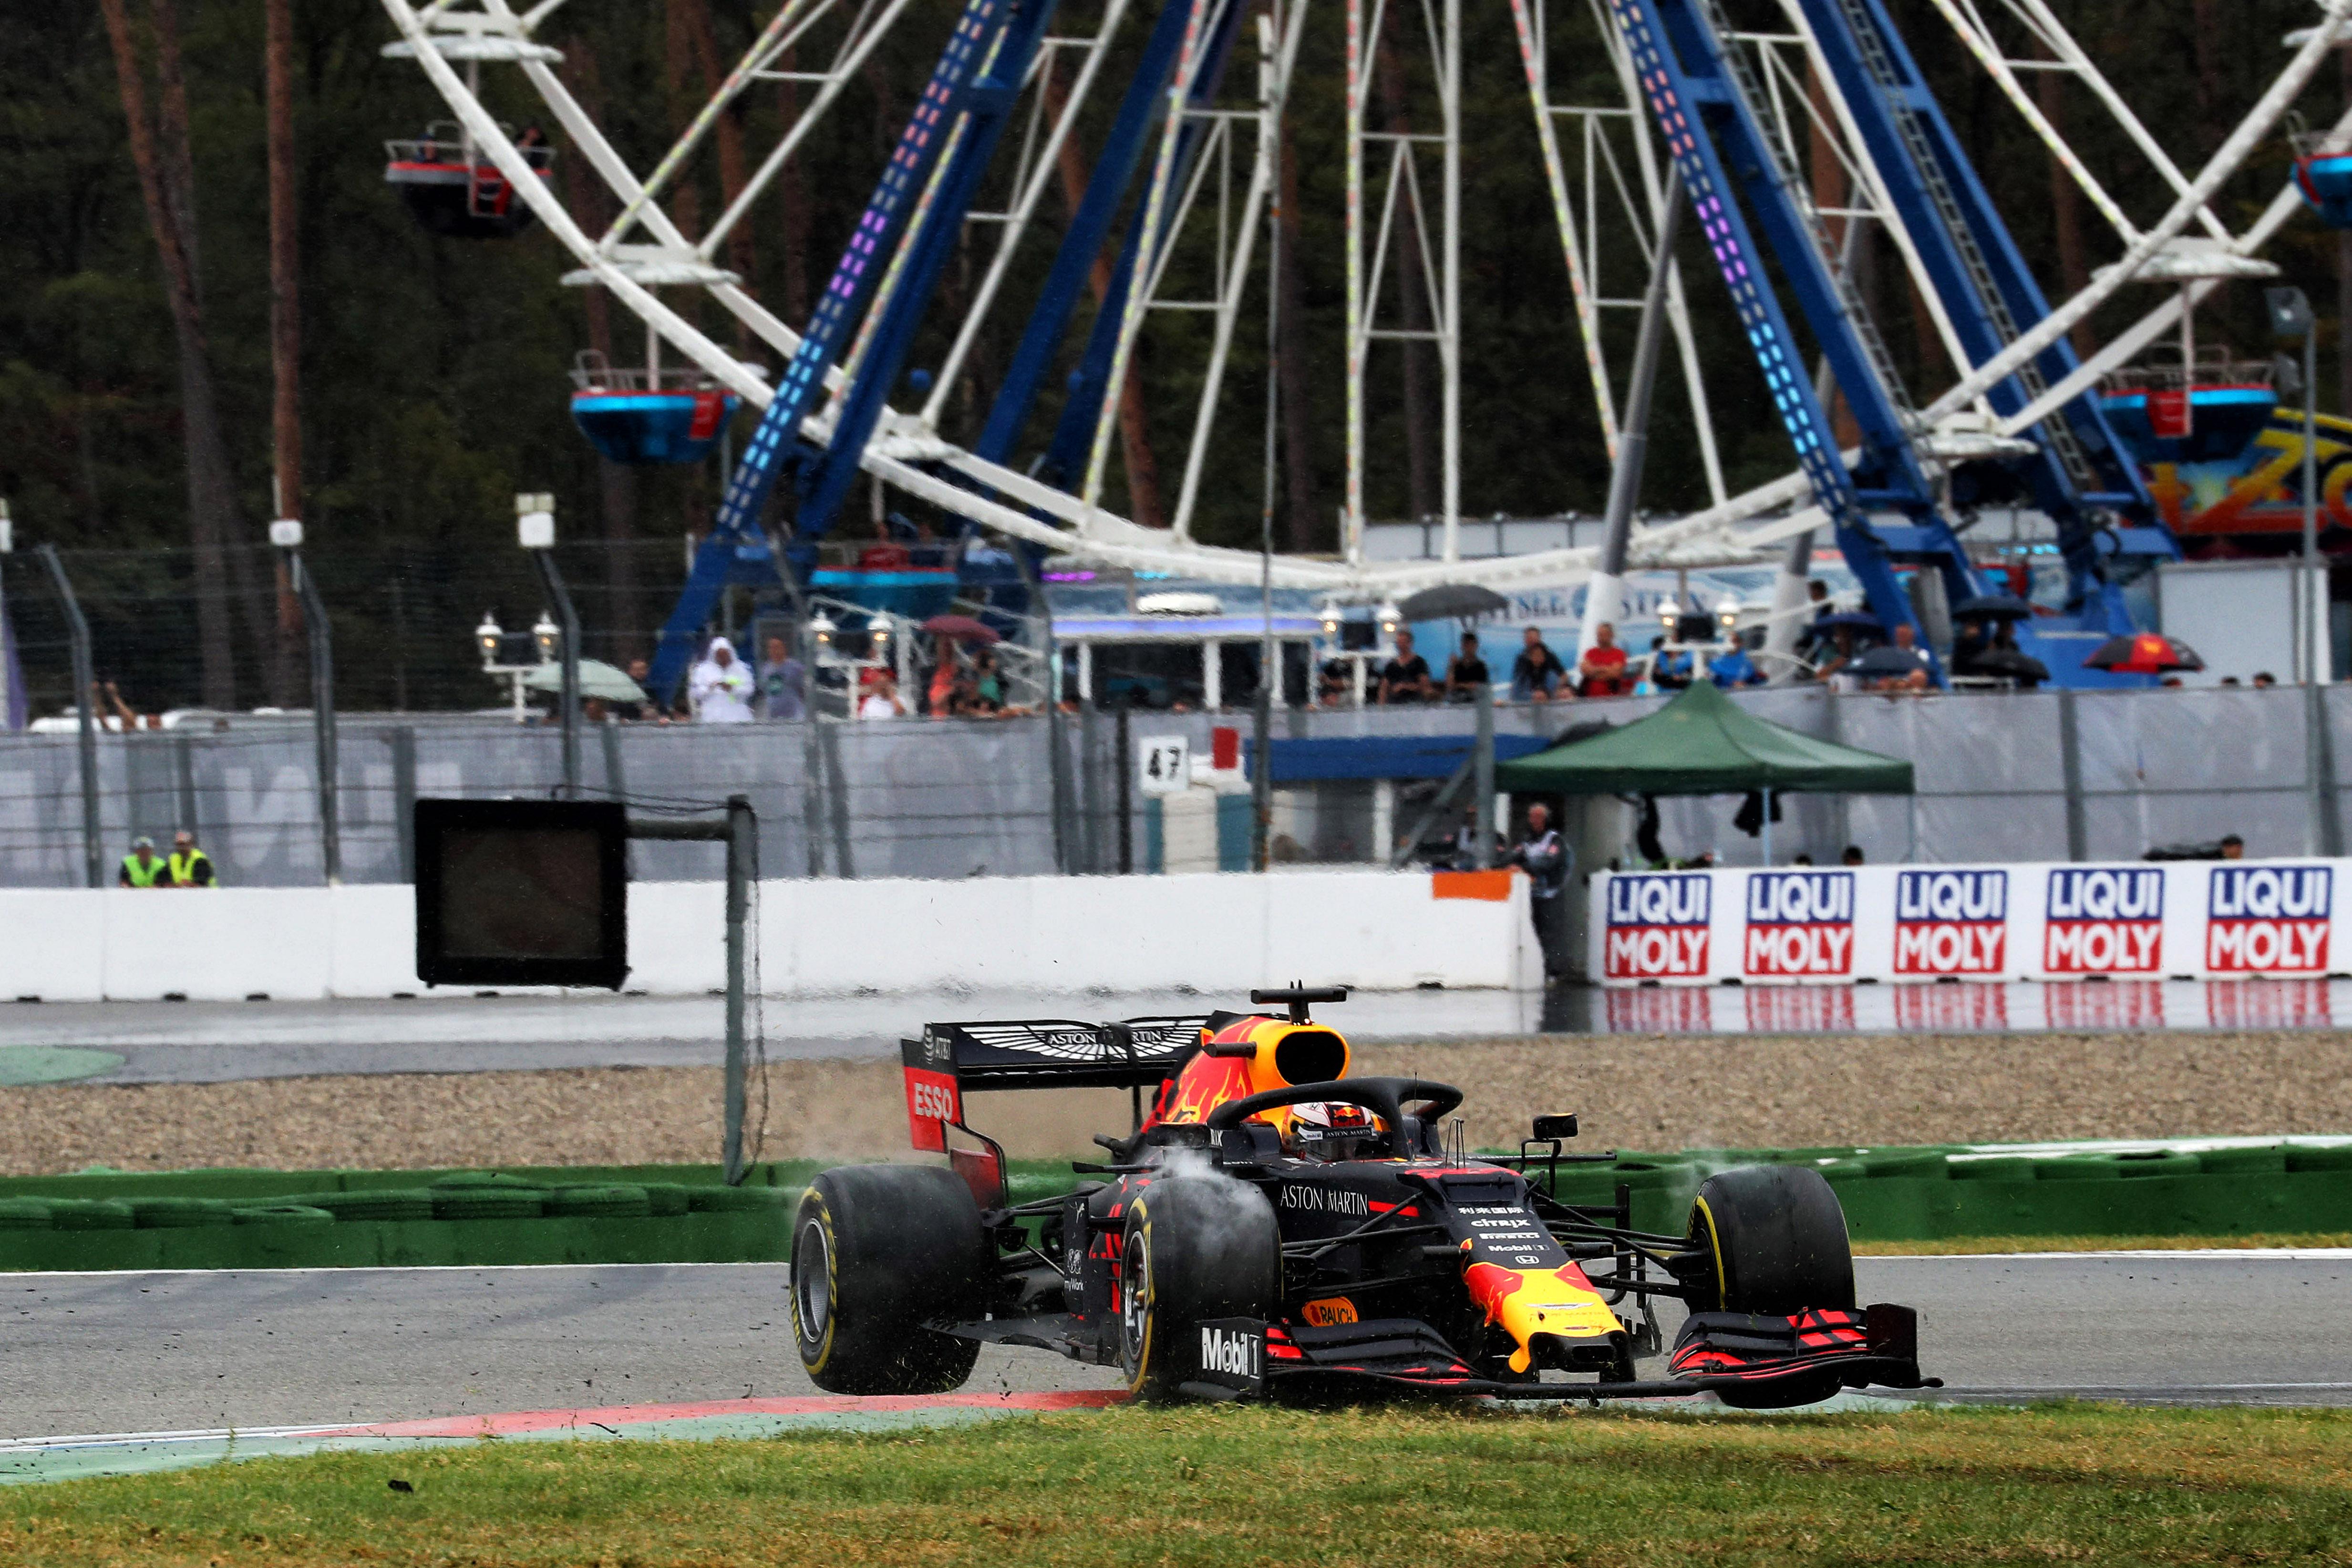 Hockenheim F1 Chase Carey Max Verstappen 2020